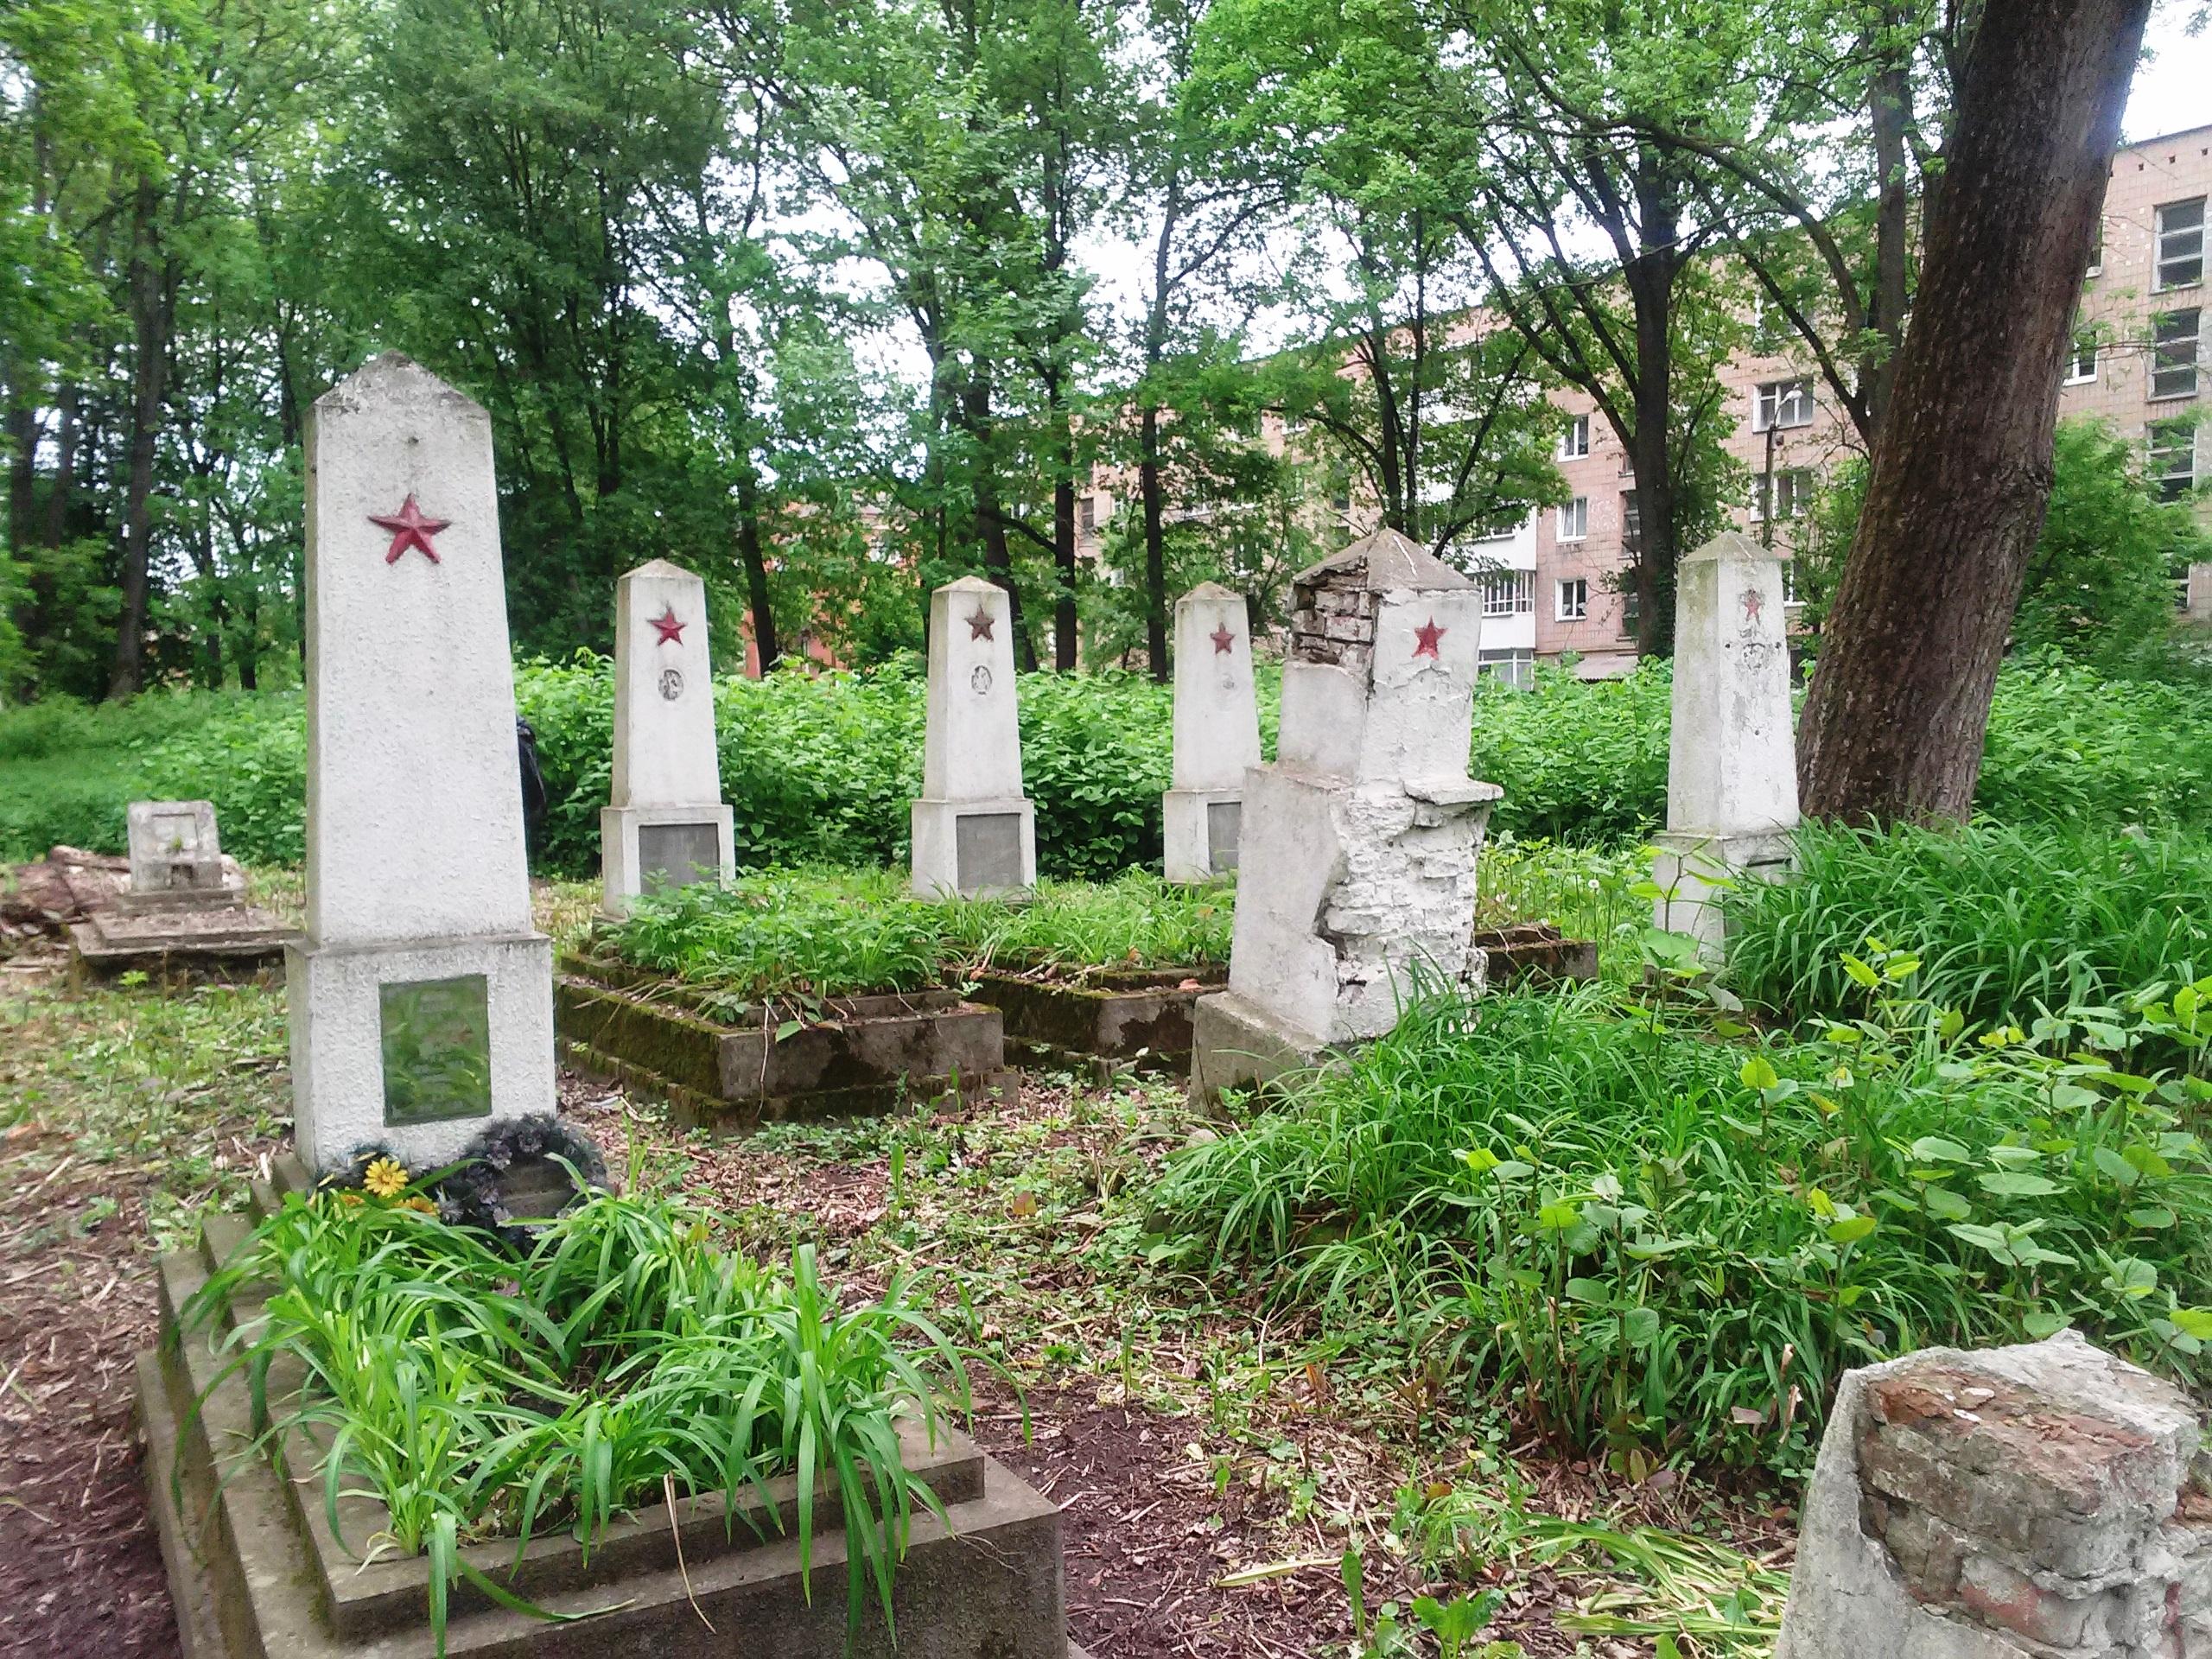 могили військовослужбовців Радянської армії, які загинули у боротьбі із загонами УПА в Карпатському краї.